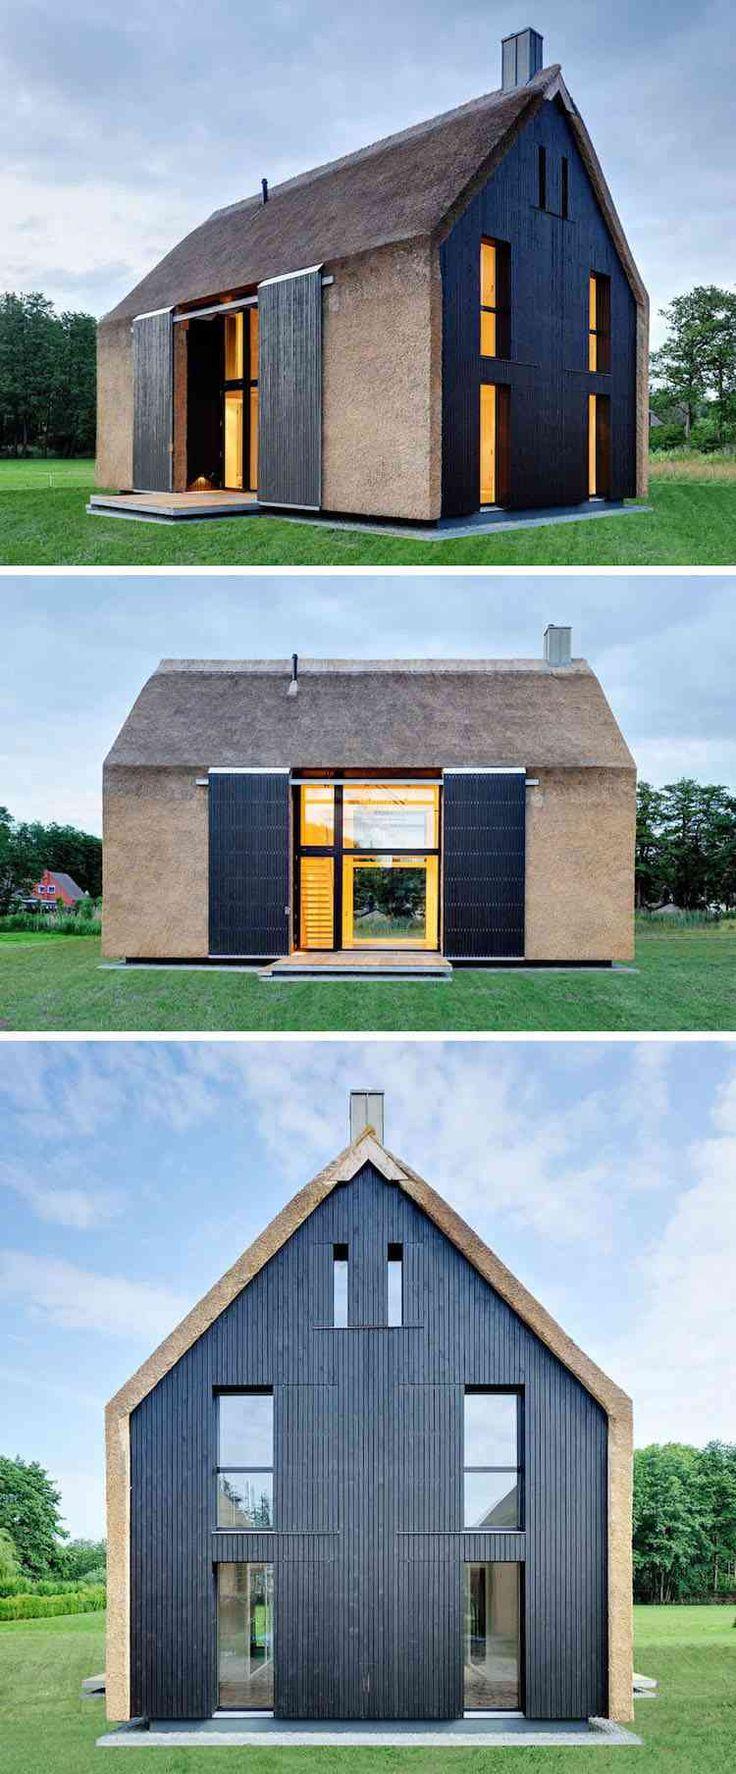 toit de chaume et bardage en bois noir caractérisent la façade de cette maison privée